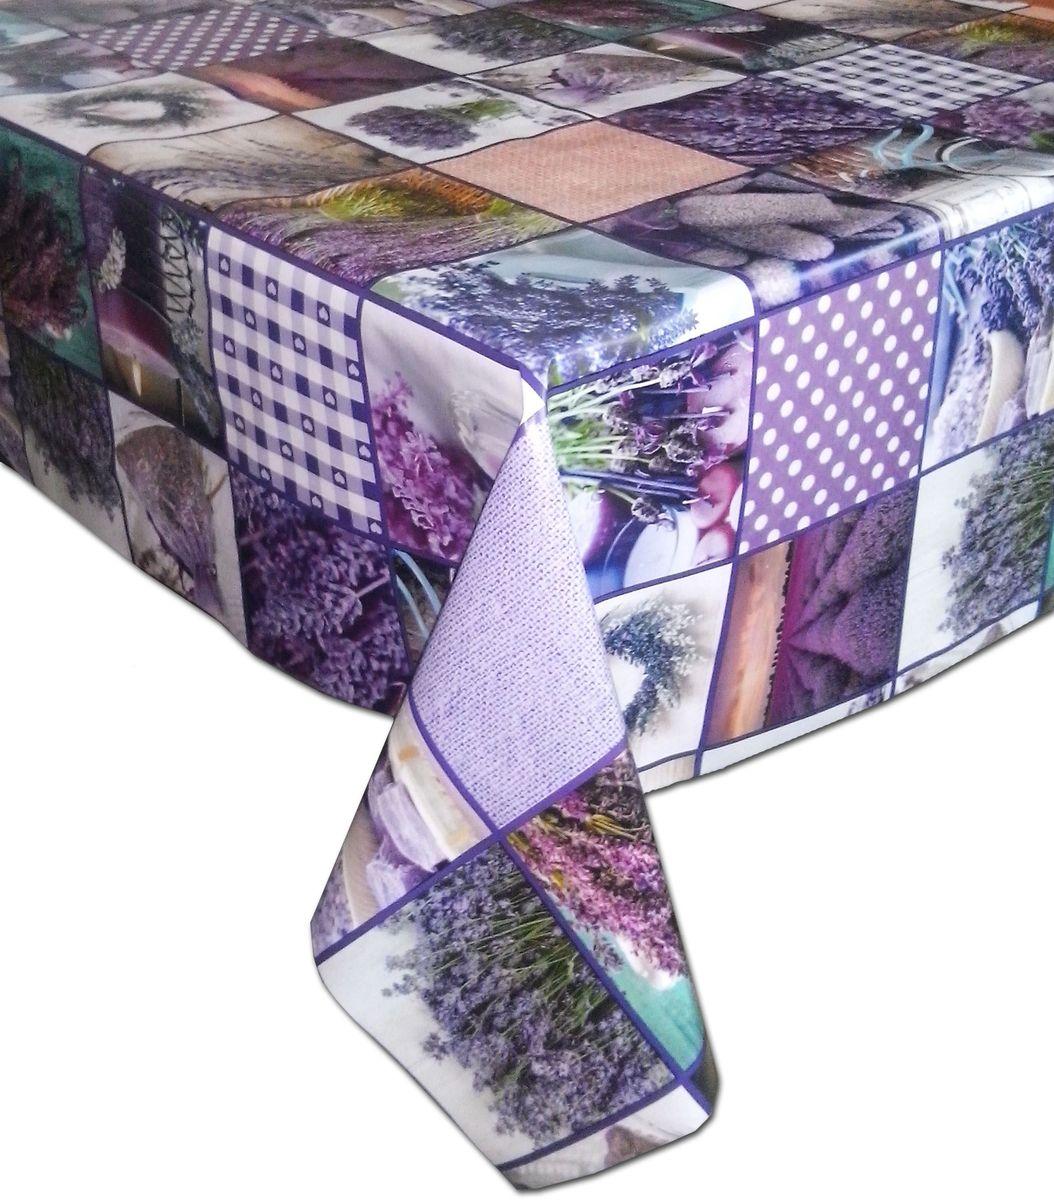 Столовая клеенка LCadesi Florista, прямоугольная, 140 х 200 см. FL140200-309-00FL140200-309-00Столовая клеенка Florista с ярким дизайном украсит ваш стол и защитит его от царапин и пятен. Благодаря основе из нетканого материала не скользит по столу. Клеенка не имеет запаха и совершенно безопасна для человека.